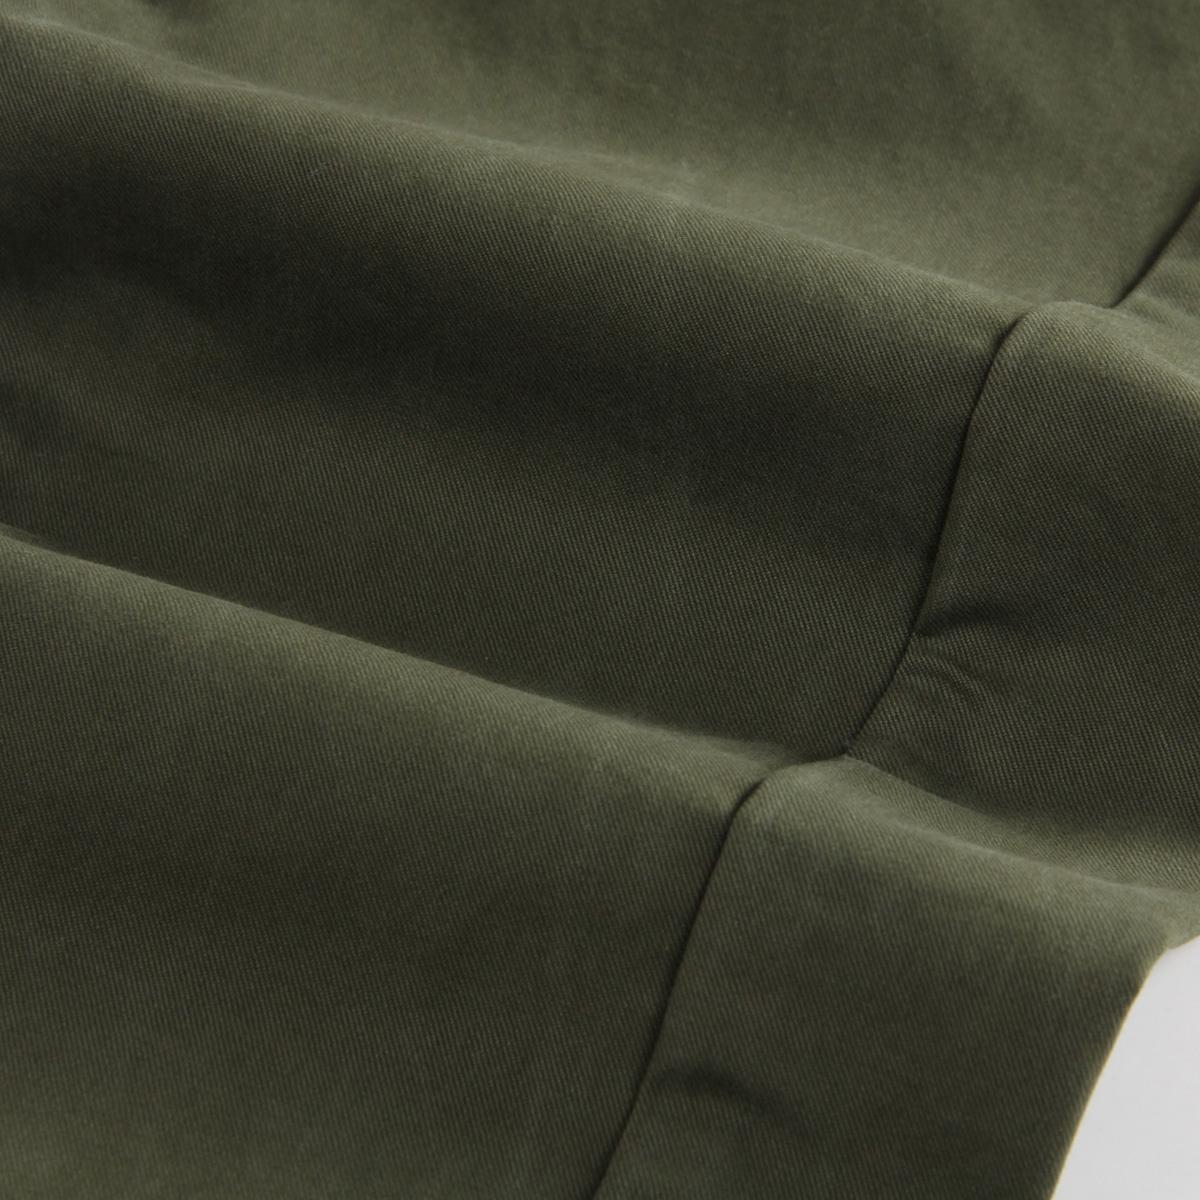 高品质 秋冬男士休闲裤男纯棉修身直筒男裤青年军绿色长裤子潮流